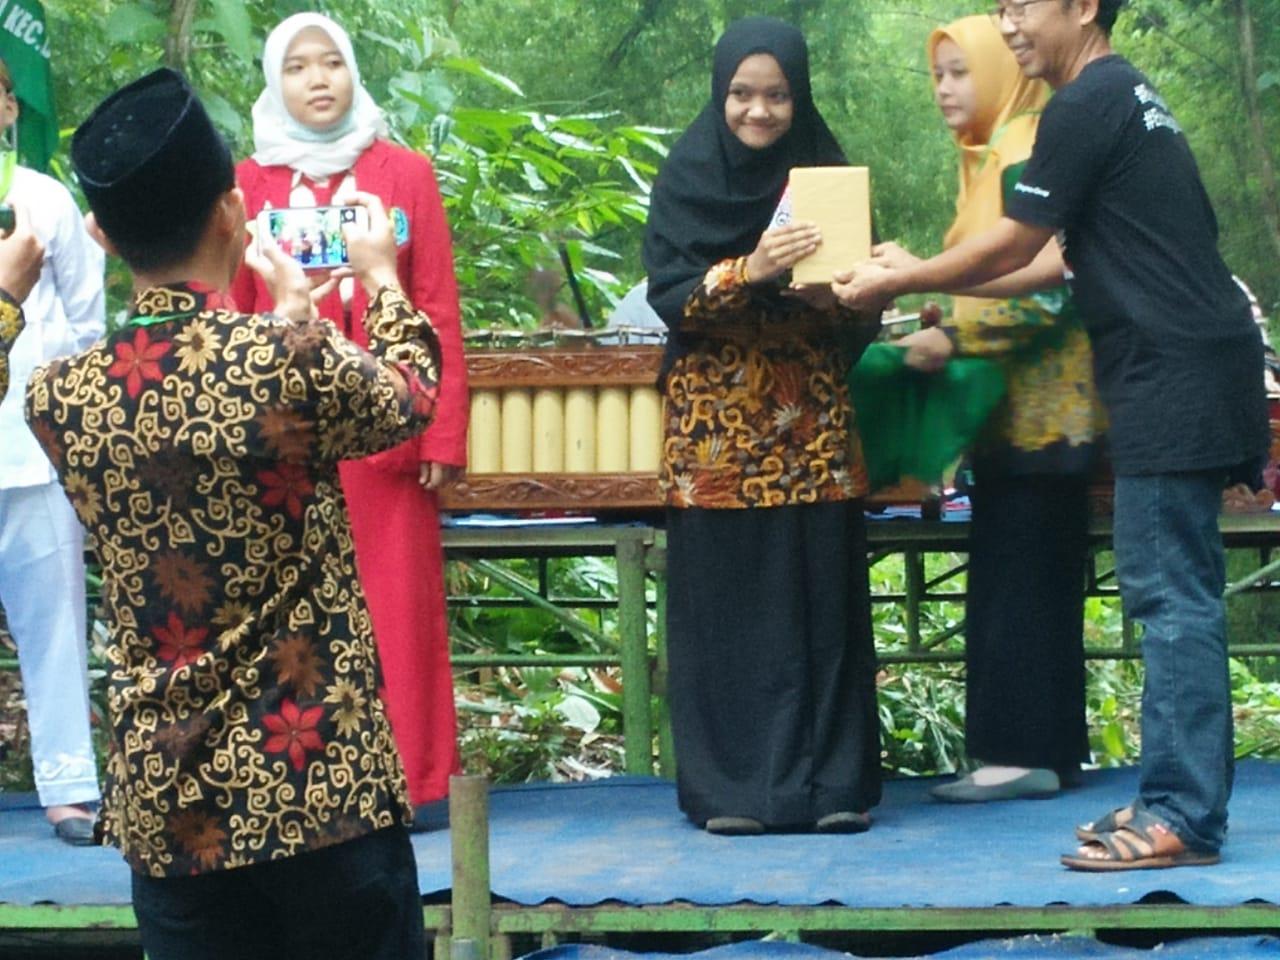 Mahrisa Khoirotin Nisa' Juara 1 Lomba Baca Geguritan se- Korwil Madiun menerima hadiah dari Panitia